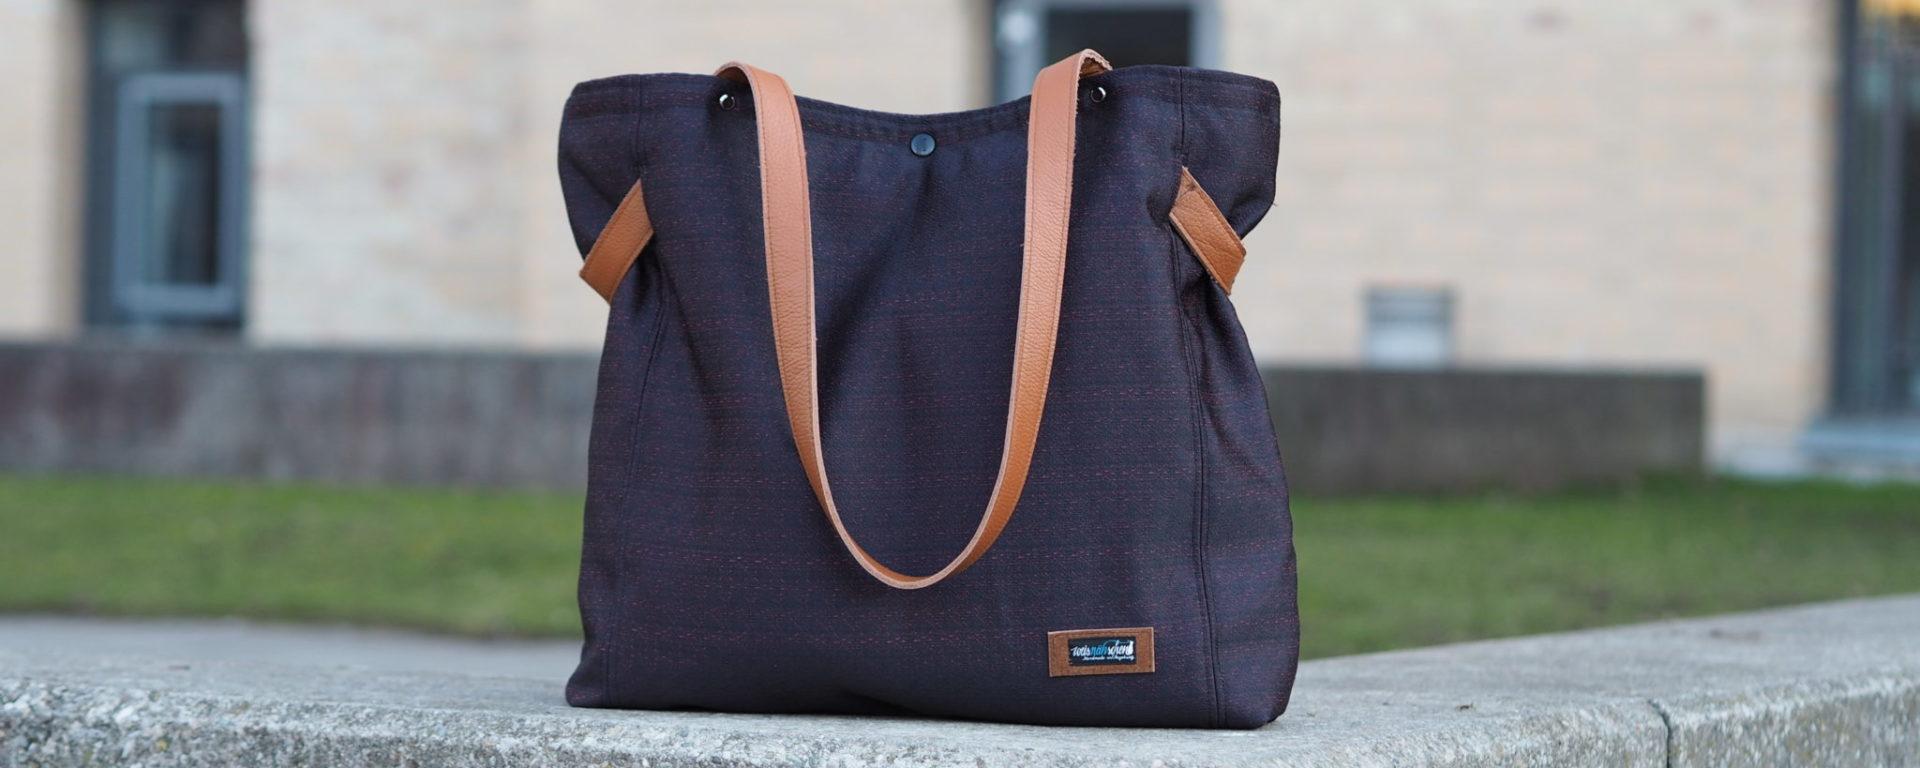 CarryBag | weisnähschen